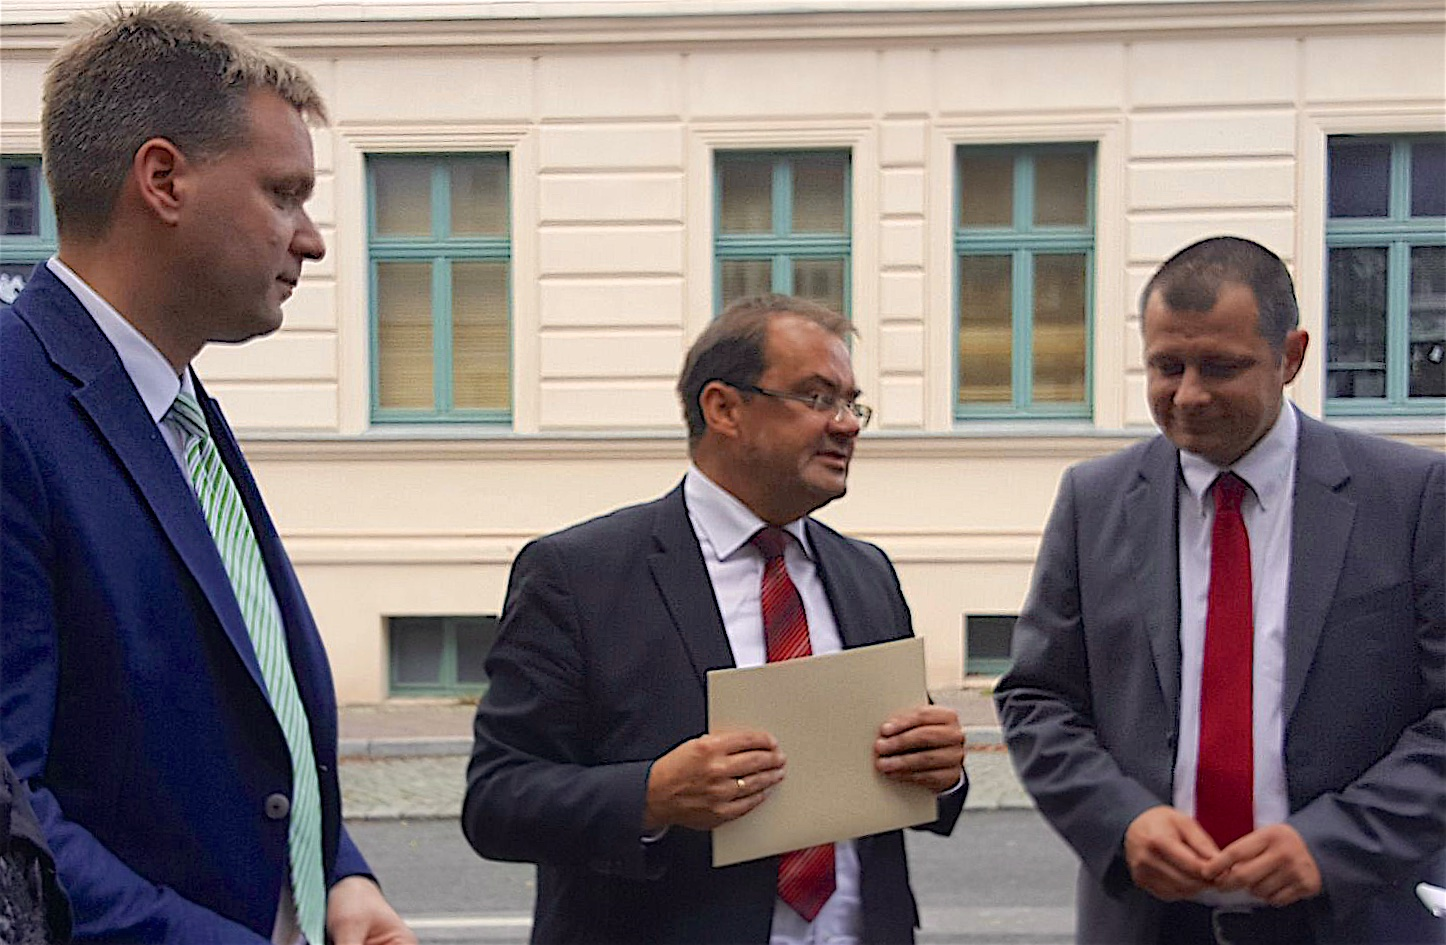 Biesenthal - Werneuchen: Bereits am vergangenen Freitag überreichte Brandenburgs Agrar- und Umweltminister Jörg Vogelsänger Fördermittel aus dem EU-Agrarfonds ELER